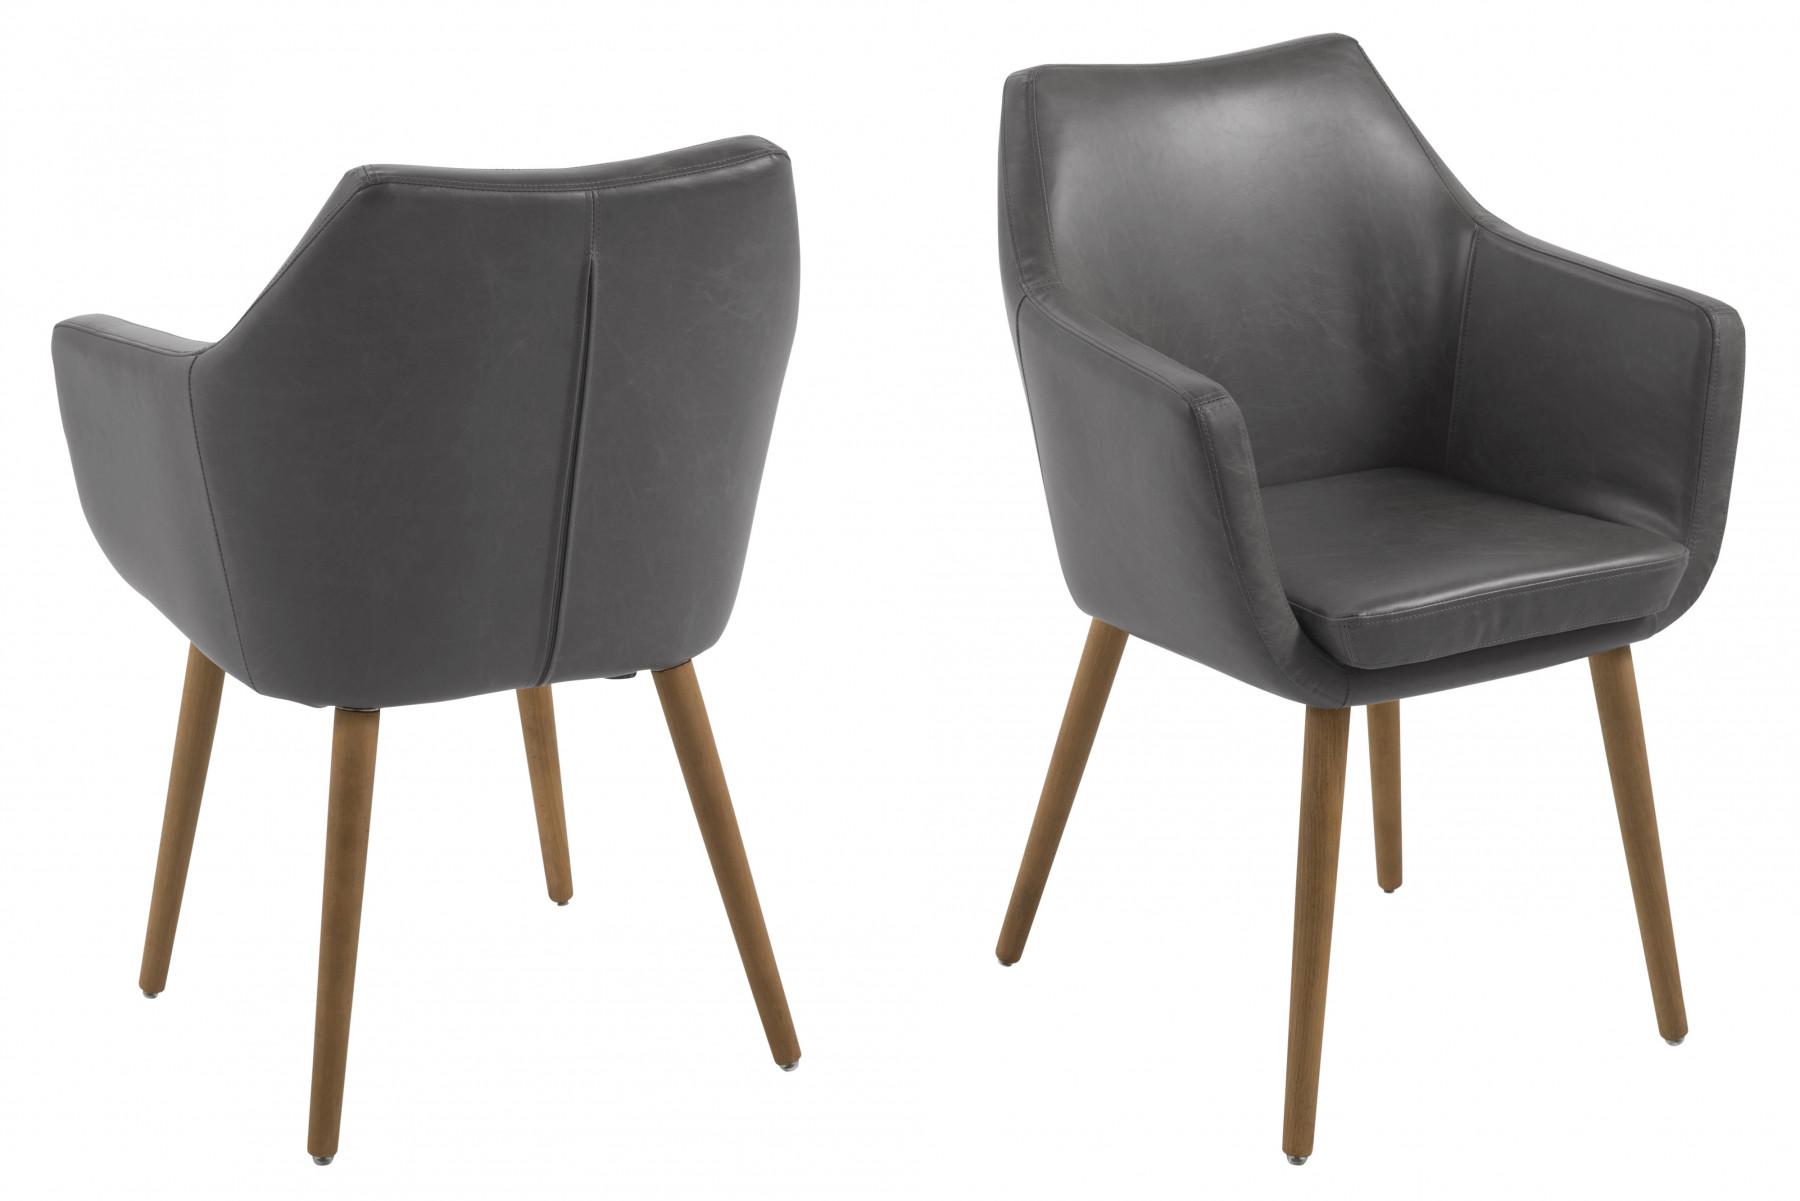 Nete er en gr polstret spisebordsstol med armln